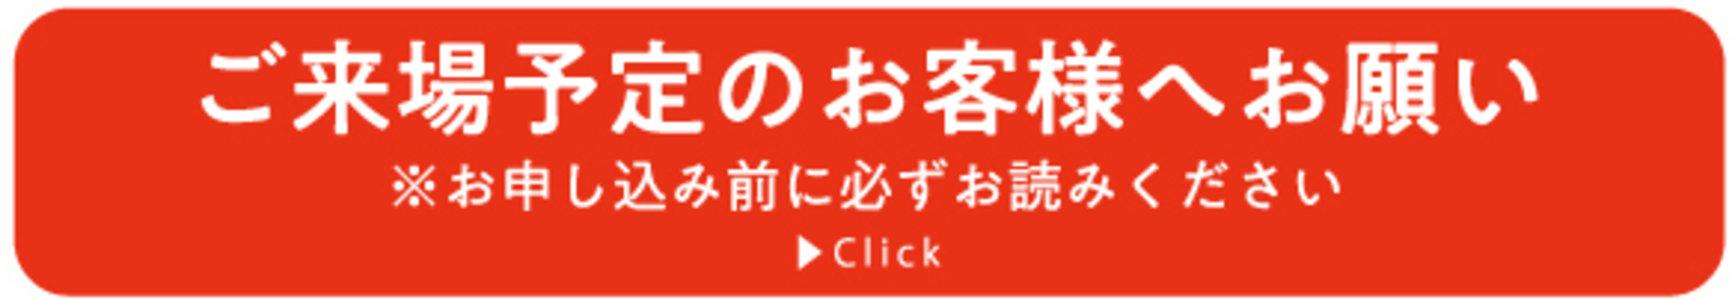 【再振替】「LAWSON presents 夏川椎菜 Zepp Live Tour 2020-2021 Pre-2nd」大阪公演 1回目